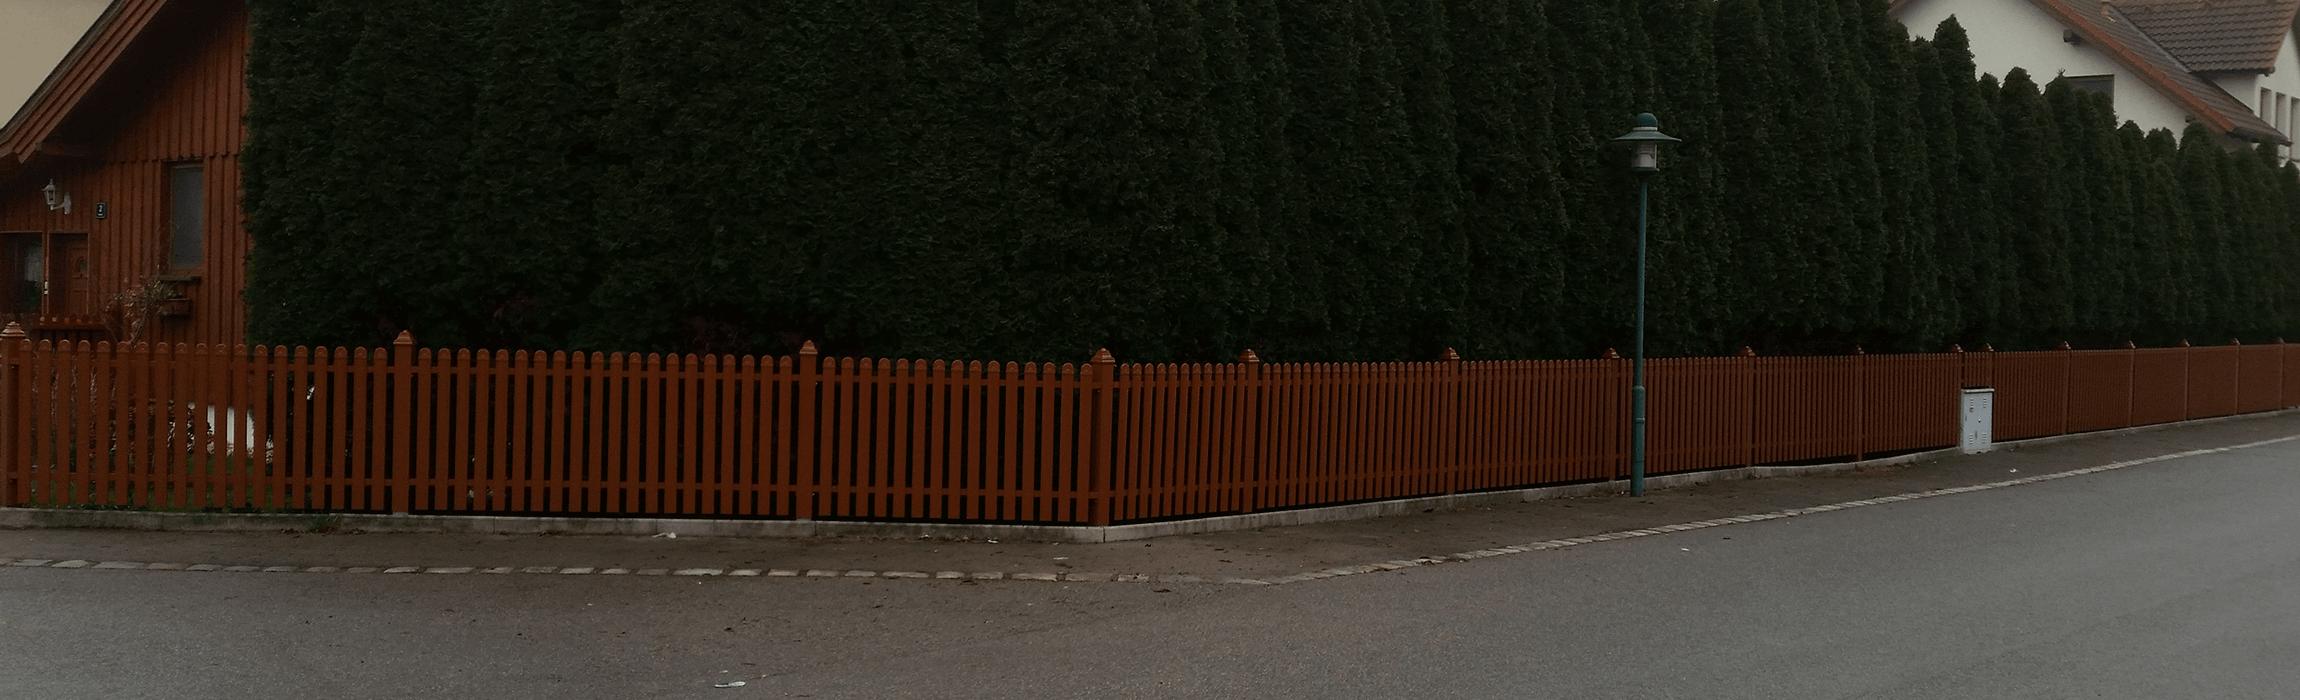 Roleta - aluminijumske ograde, kapije i gelenderi